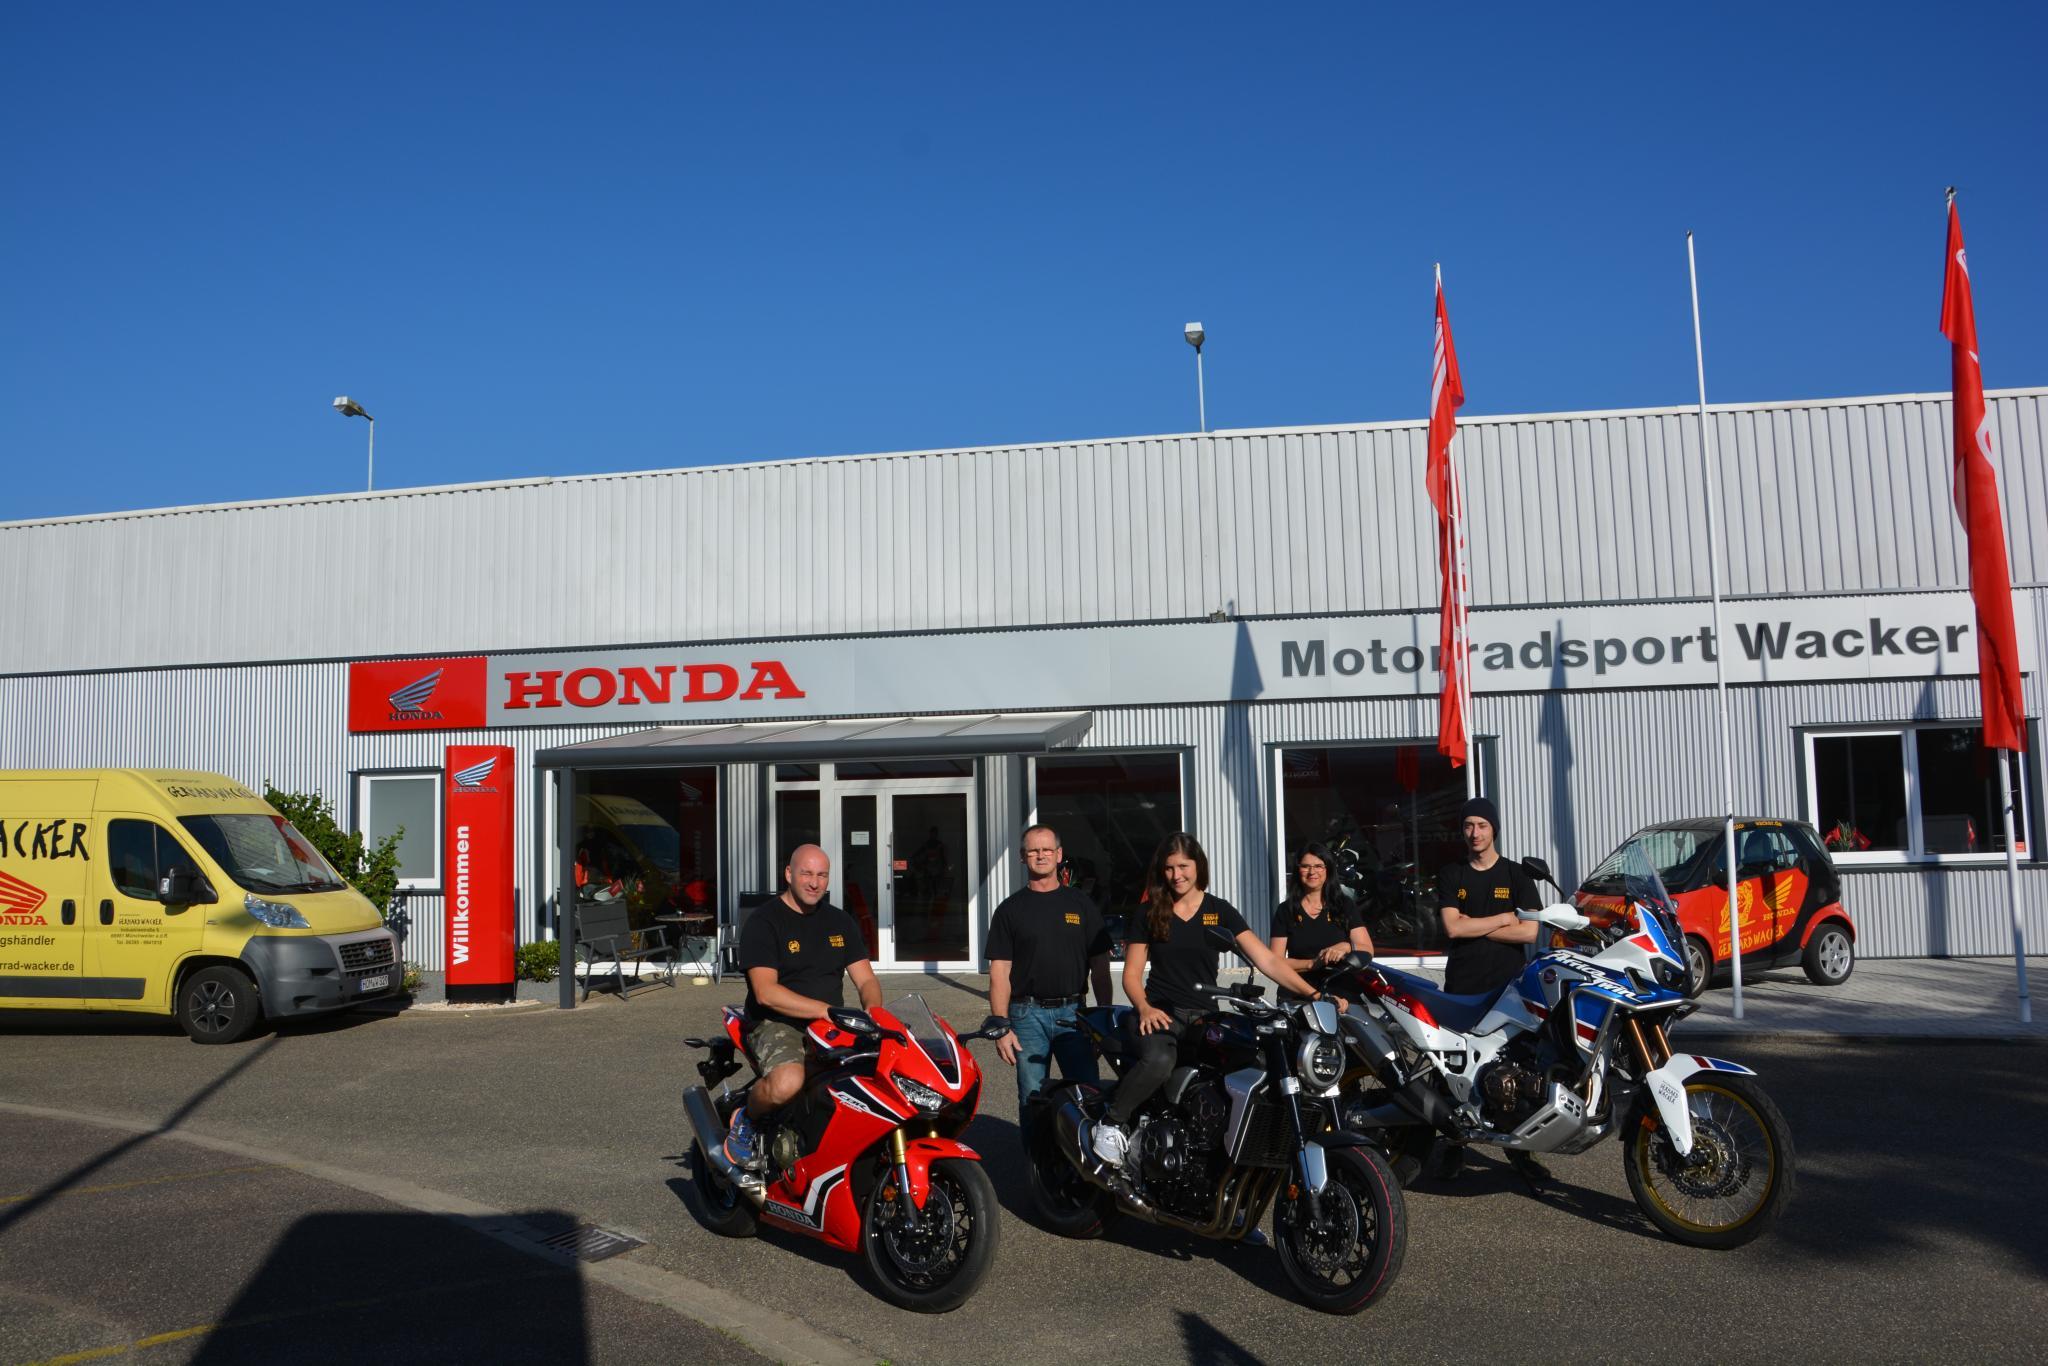 Unternehmensbilder Motorradsport Gerhard Wacker 8